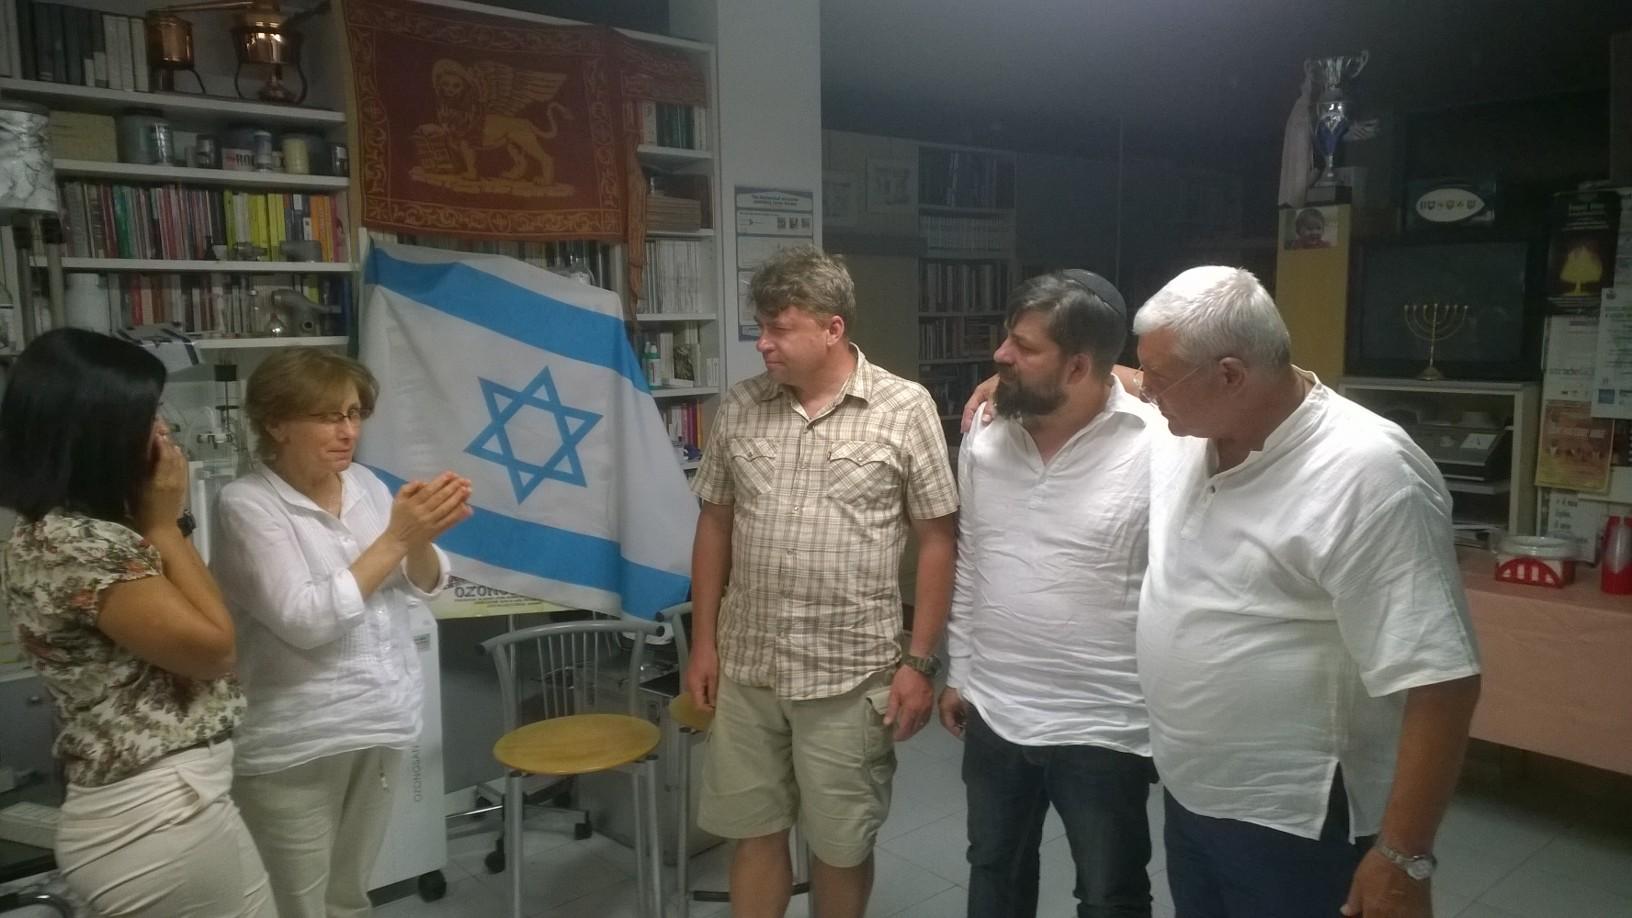 Resoconto dell'incontro con il rabbino messianico di Chişinău Moldova